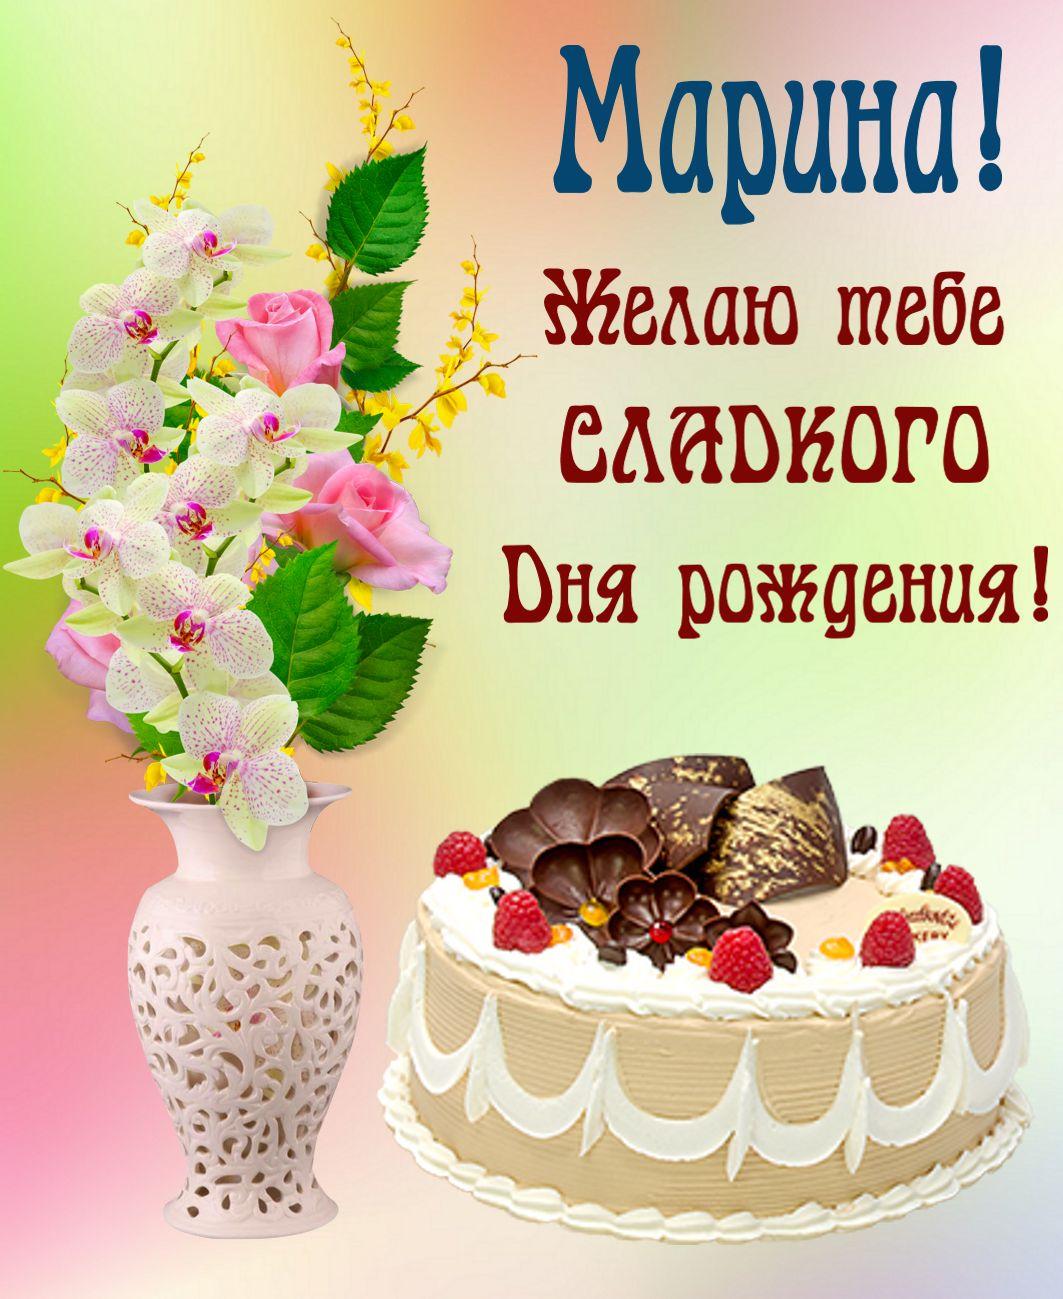 Тортик и цветы в вазе к Дню рождения